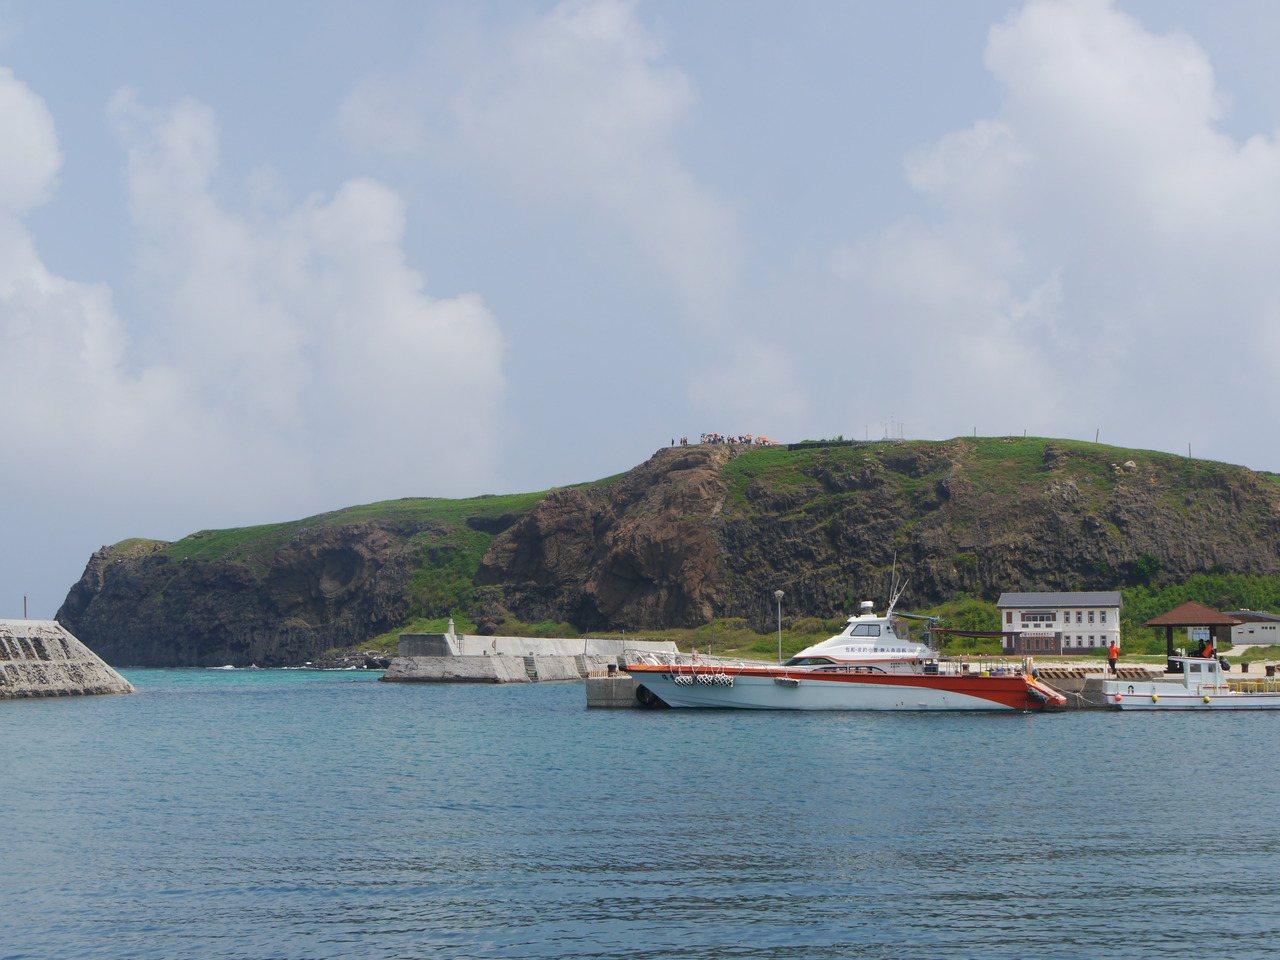 東吉嶼海面望去,遠方的玄武岩柱上有一個凹陷處,被稱為「東吉之眼」。 圖/徐白櫻 ...